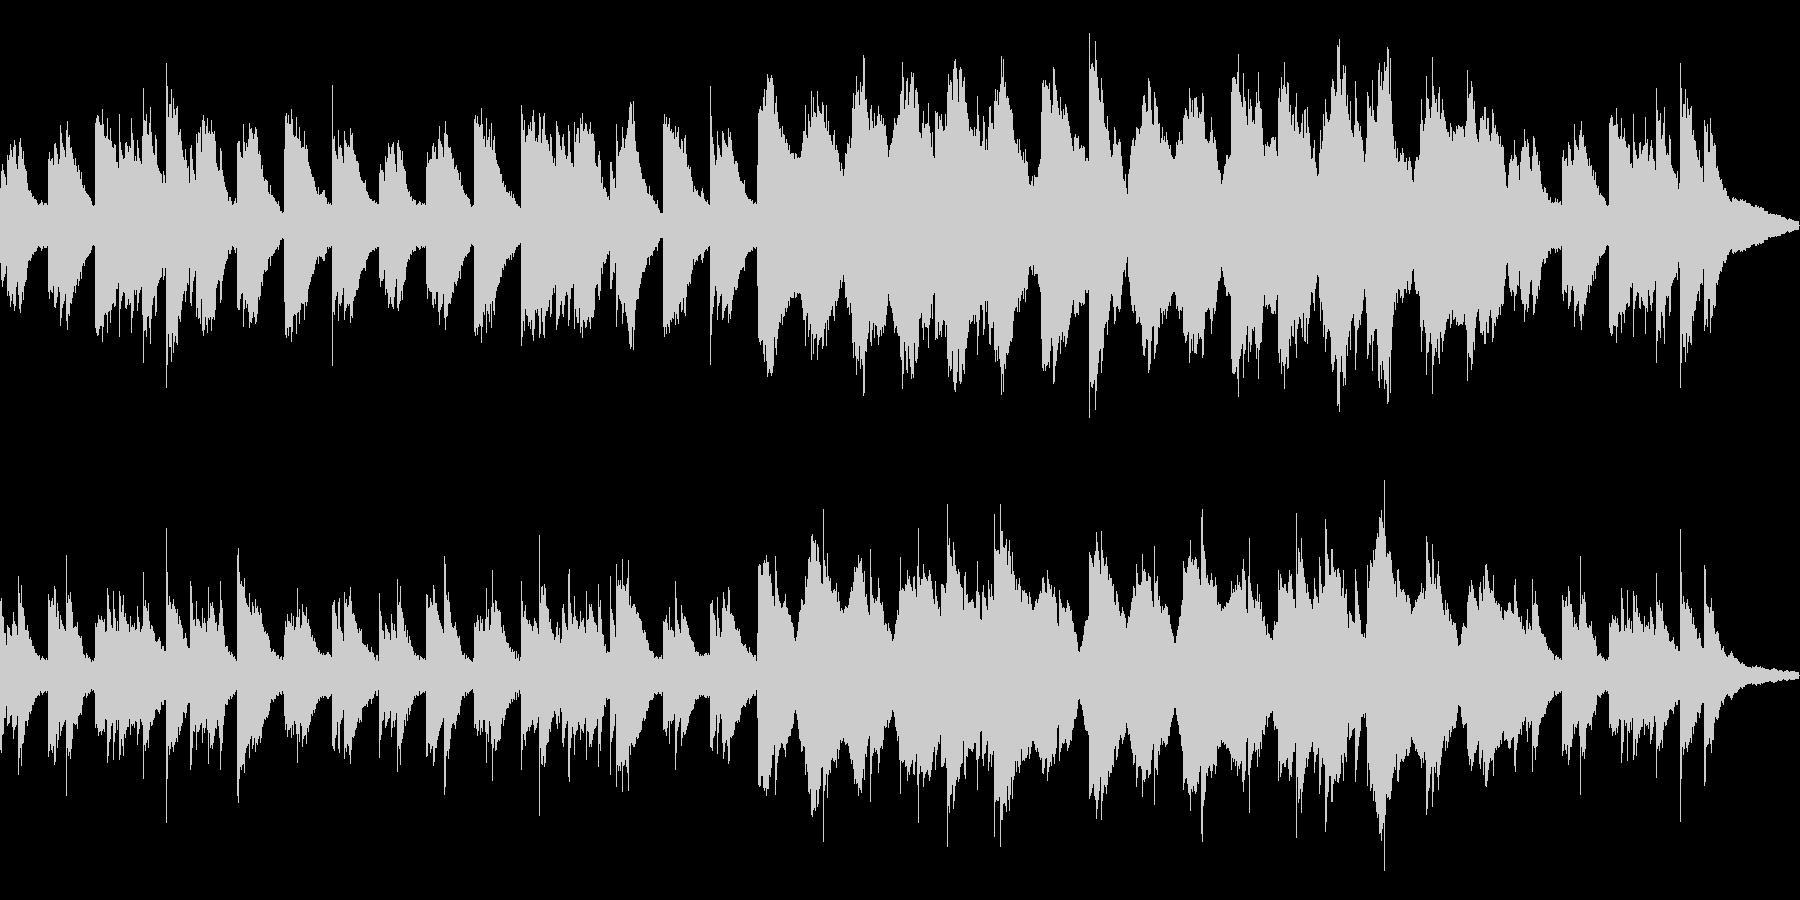 シンプルなピアノアルペジオの未再生の波形